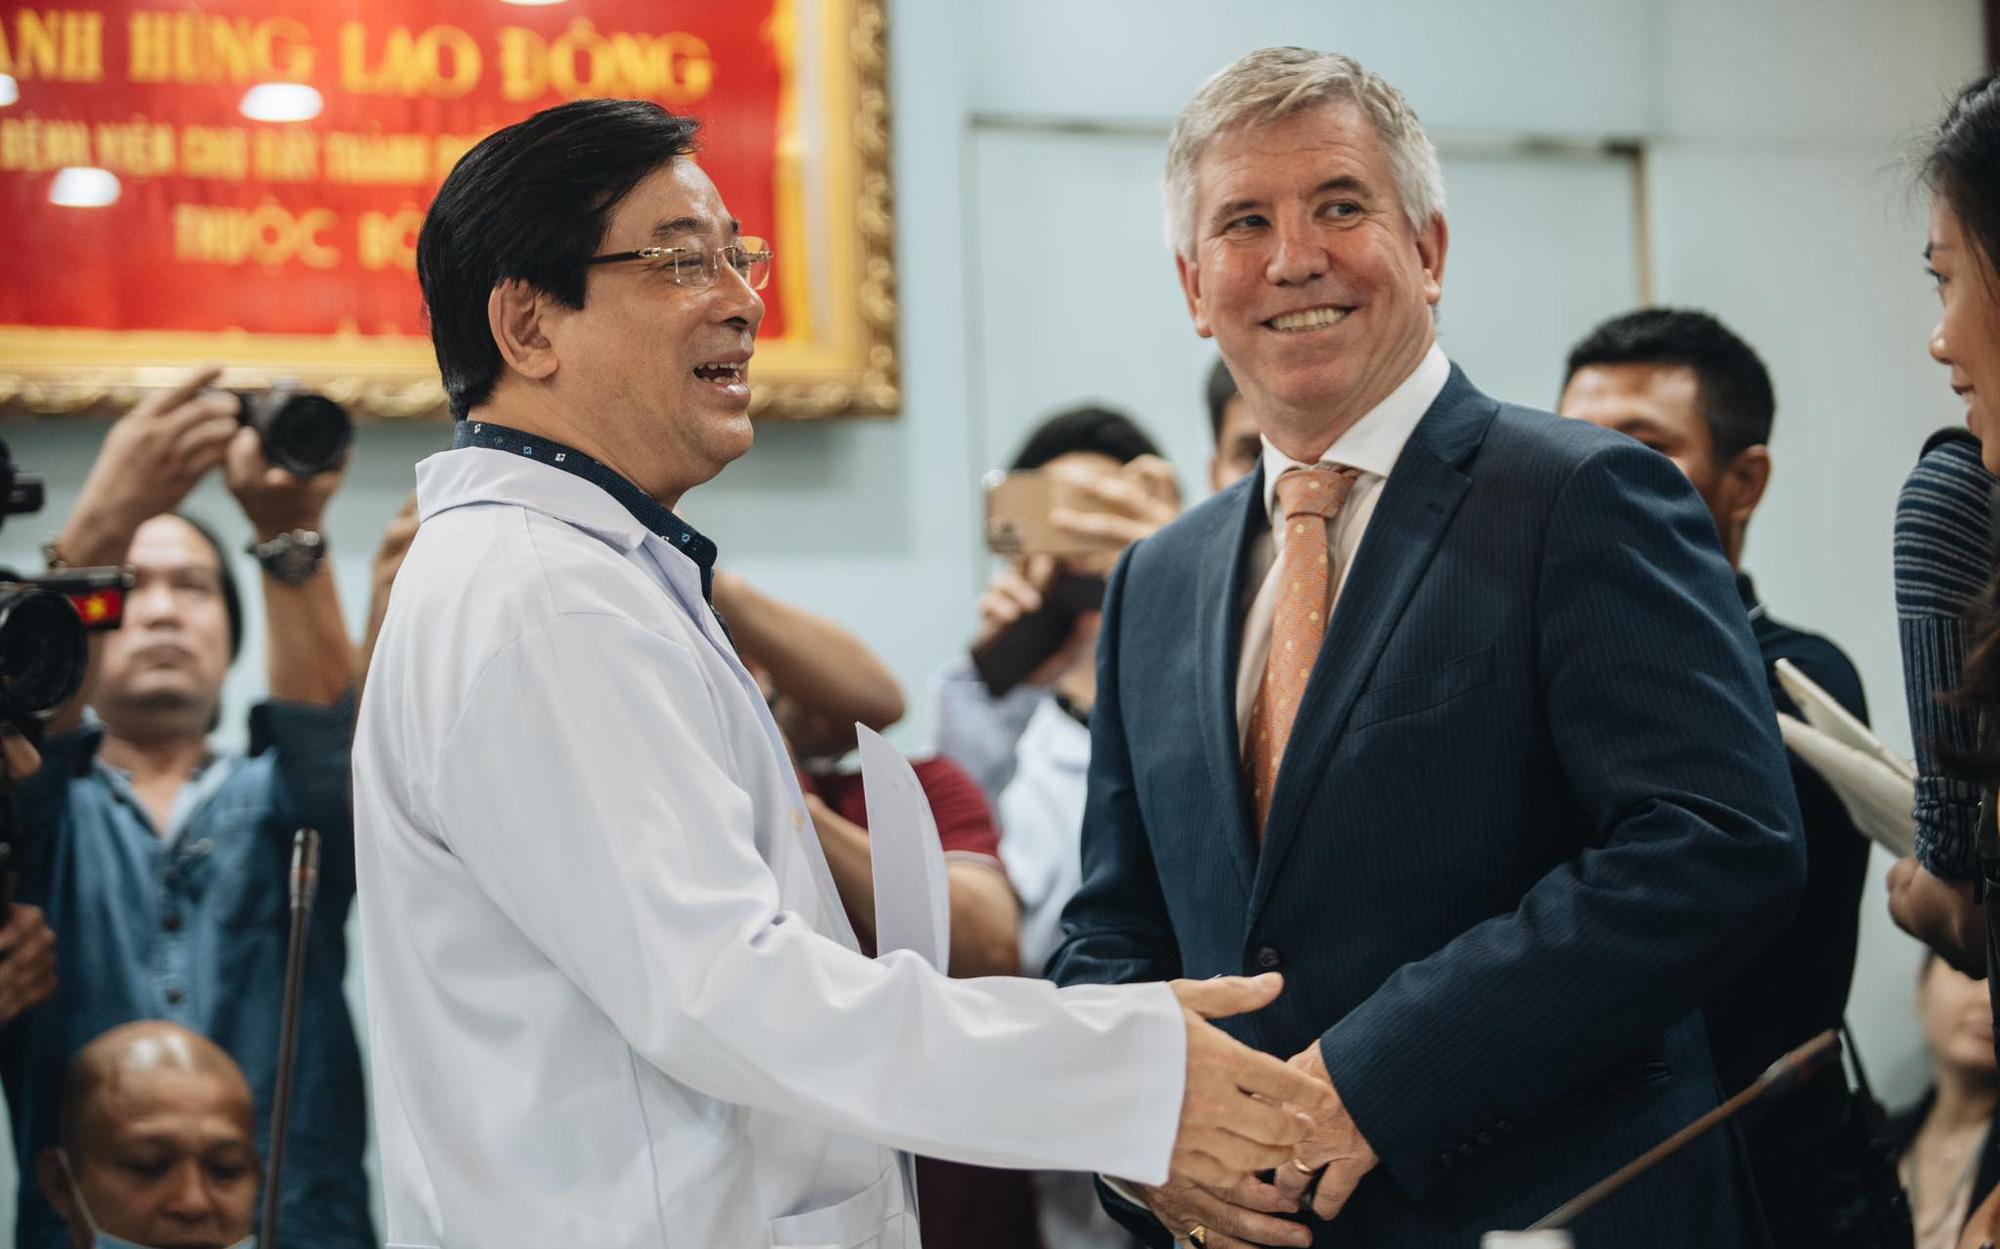 """Tổng lãnh sự Anh: """"Xin cảm ơn từ tận đáy lòng, tôi vô cùng ấn tượng với nỗ lực hết mình của Việt Nam, quốc gia chưa có người tử vong vì Covid-19"""""""